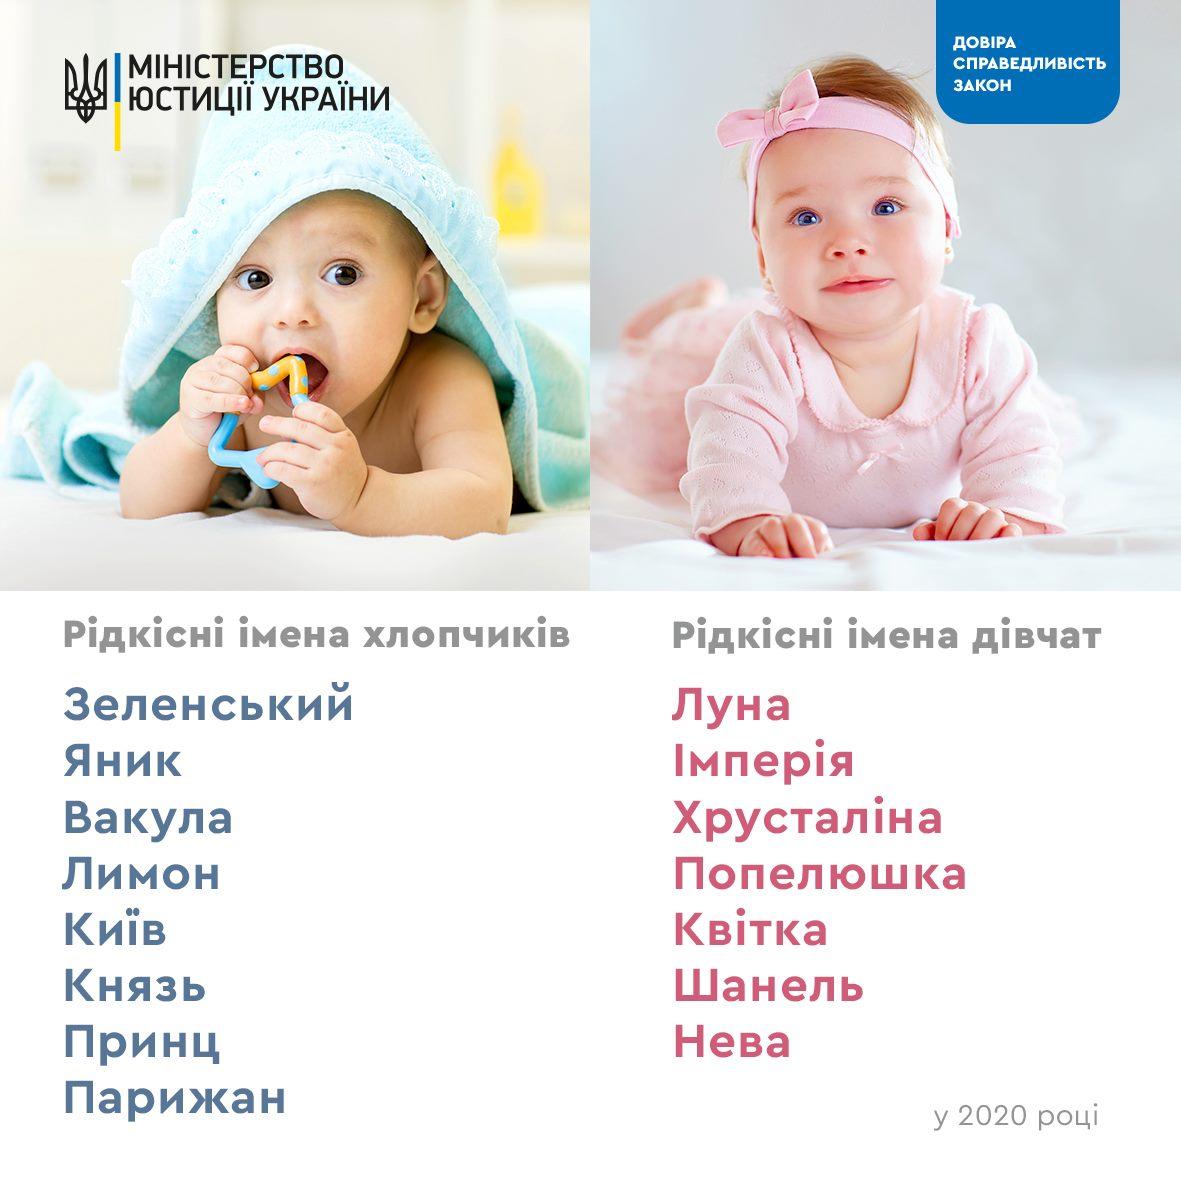 Зеленський, Яник, Лимон: Мін'юст назвав найоригінальніші імена 2020 року